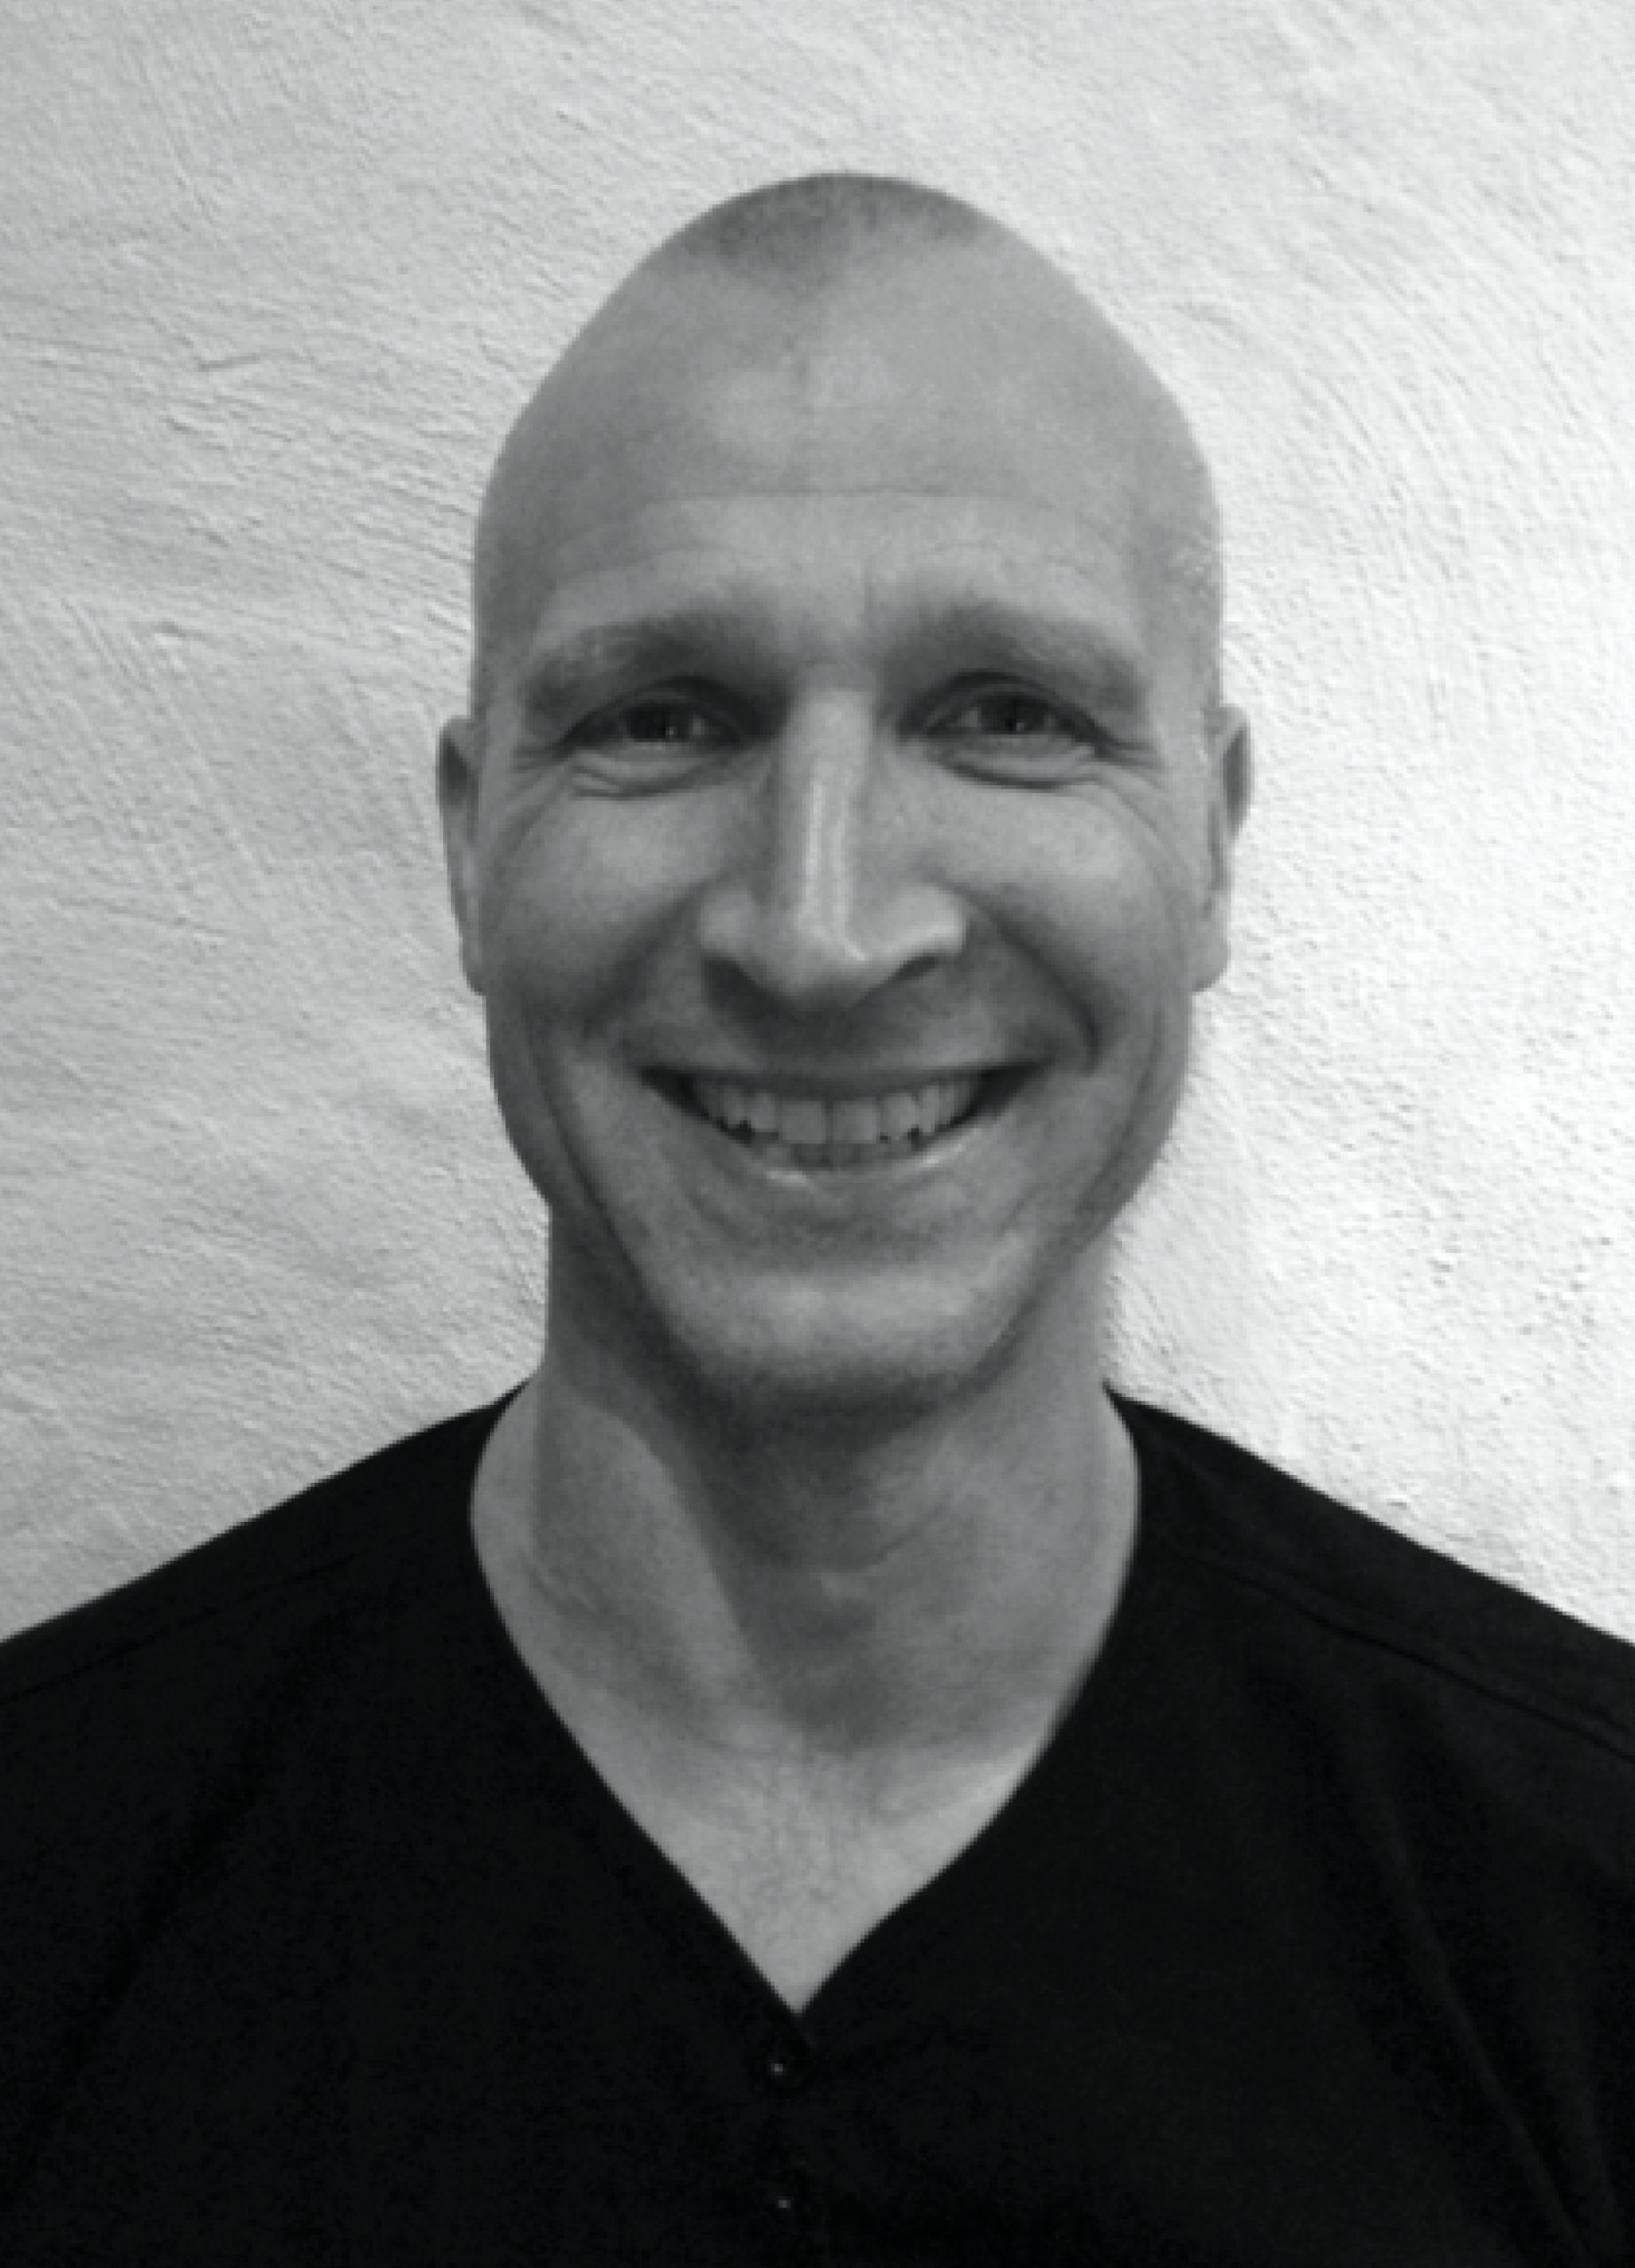 Profilside Allan Madsen Fysioterapeut